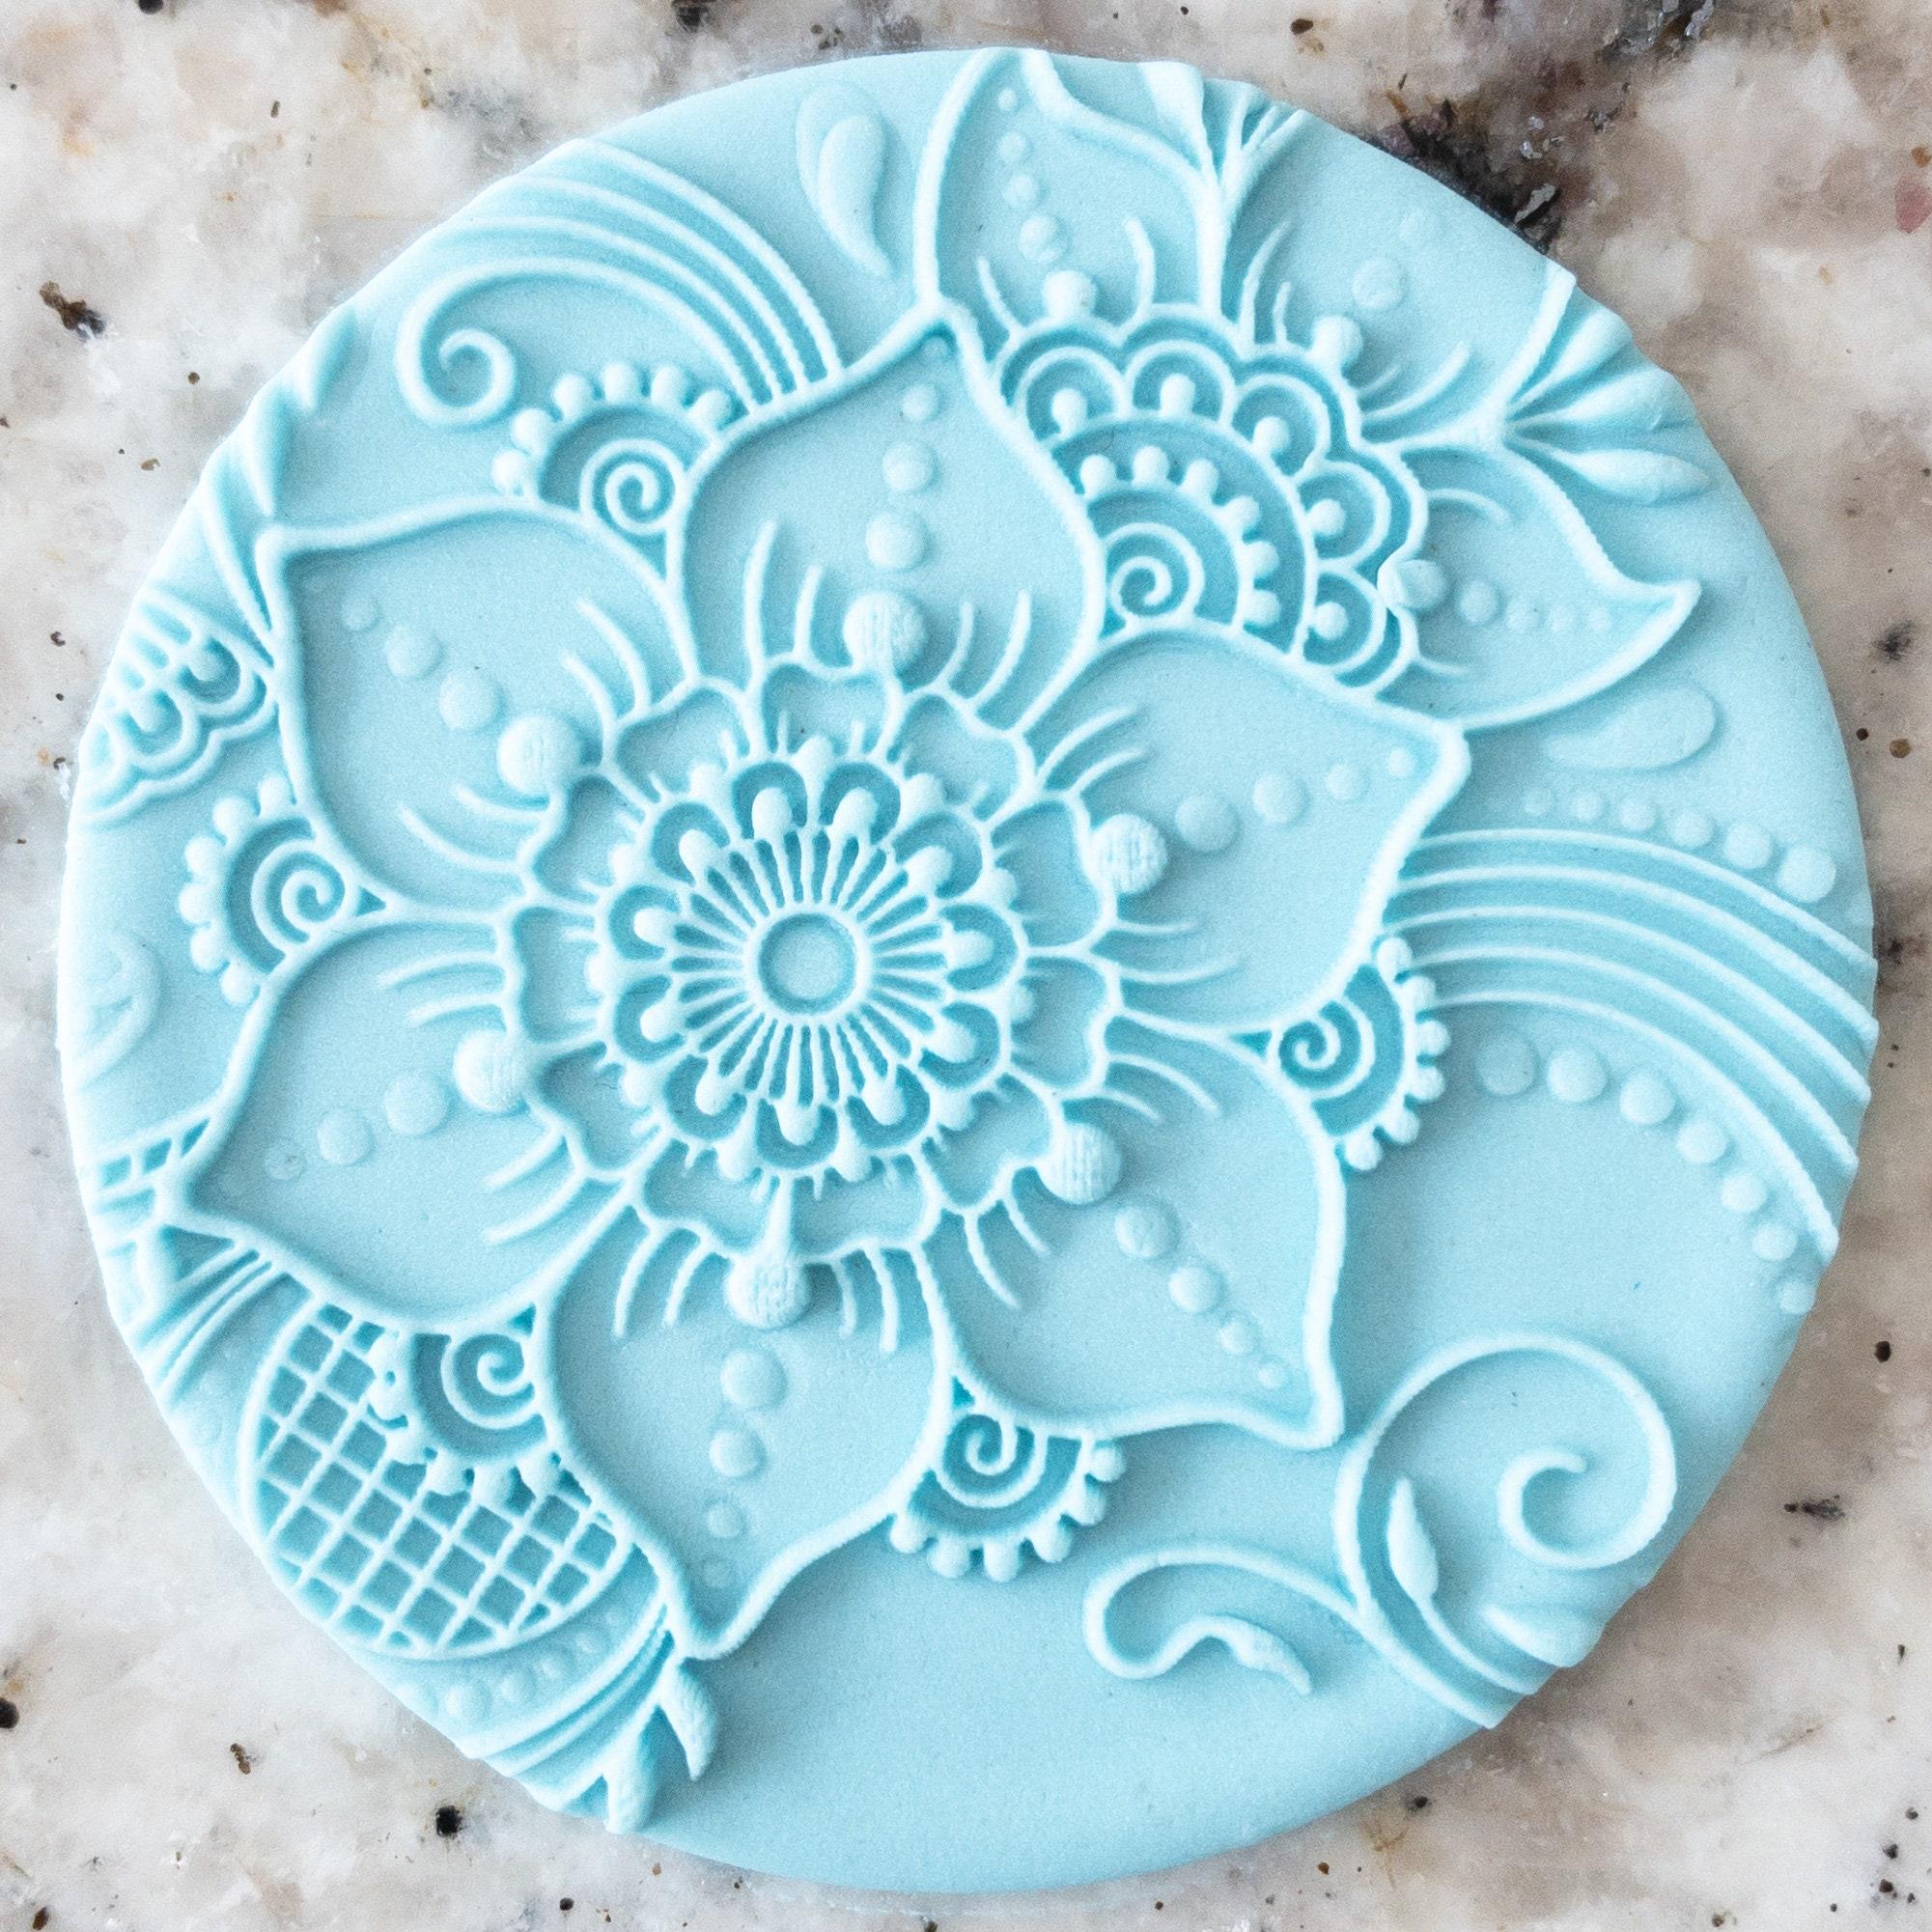 Henna Pattern 1 Biscuit Cookie POPup Embosser Stamp Fondant Cake Decorating Icing Mehndi Indian Wedding Diwali